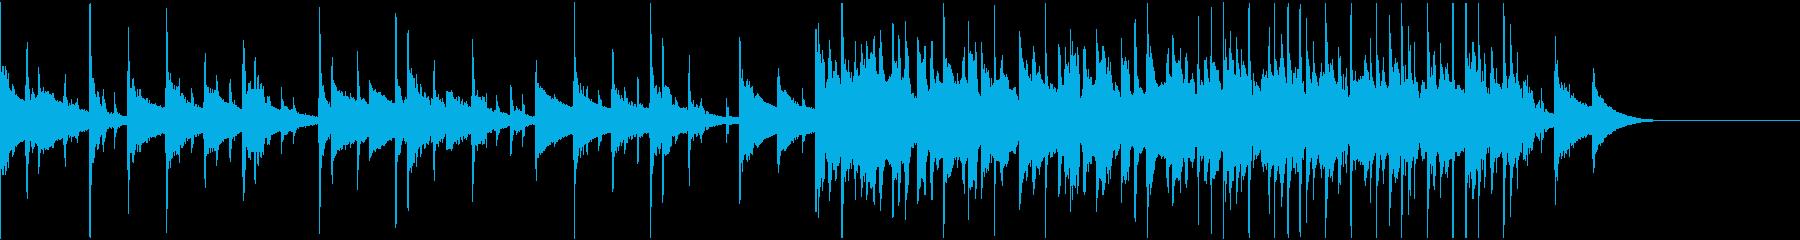 映像向け緊迫感のあるBGMの再生済みの波形